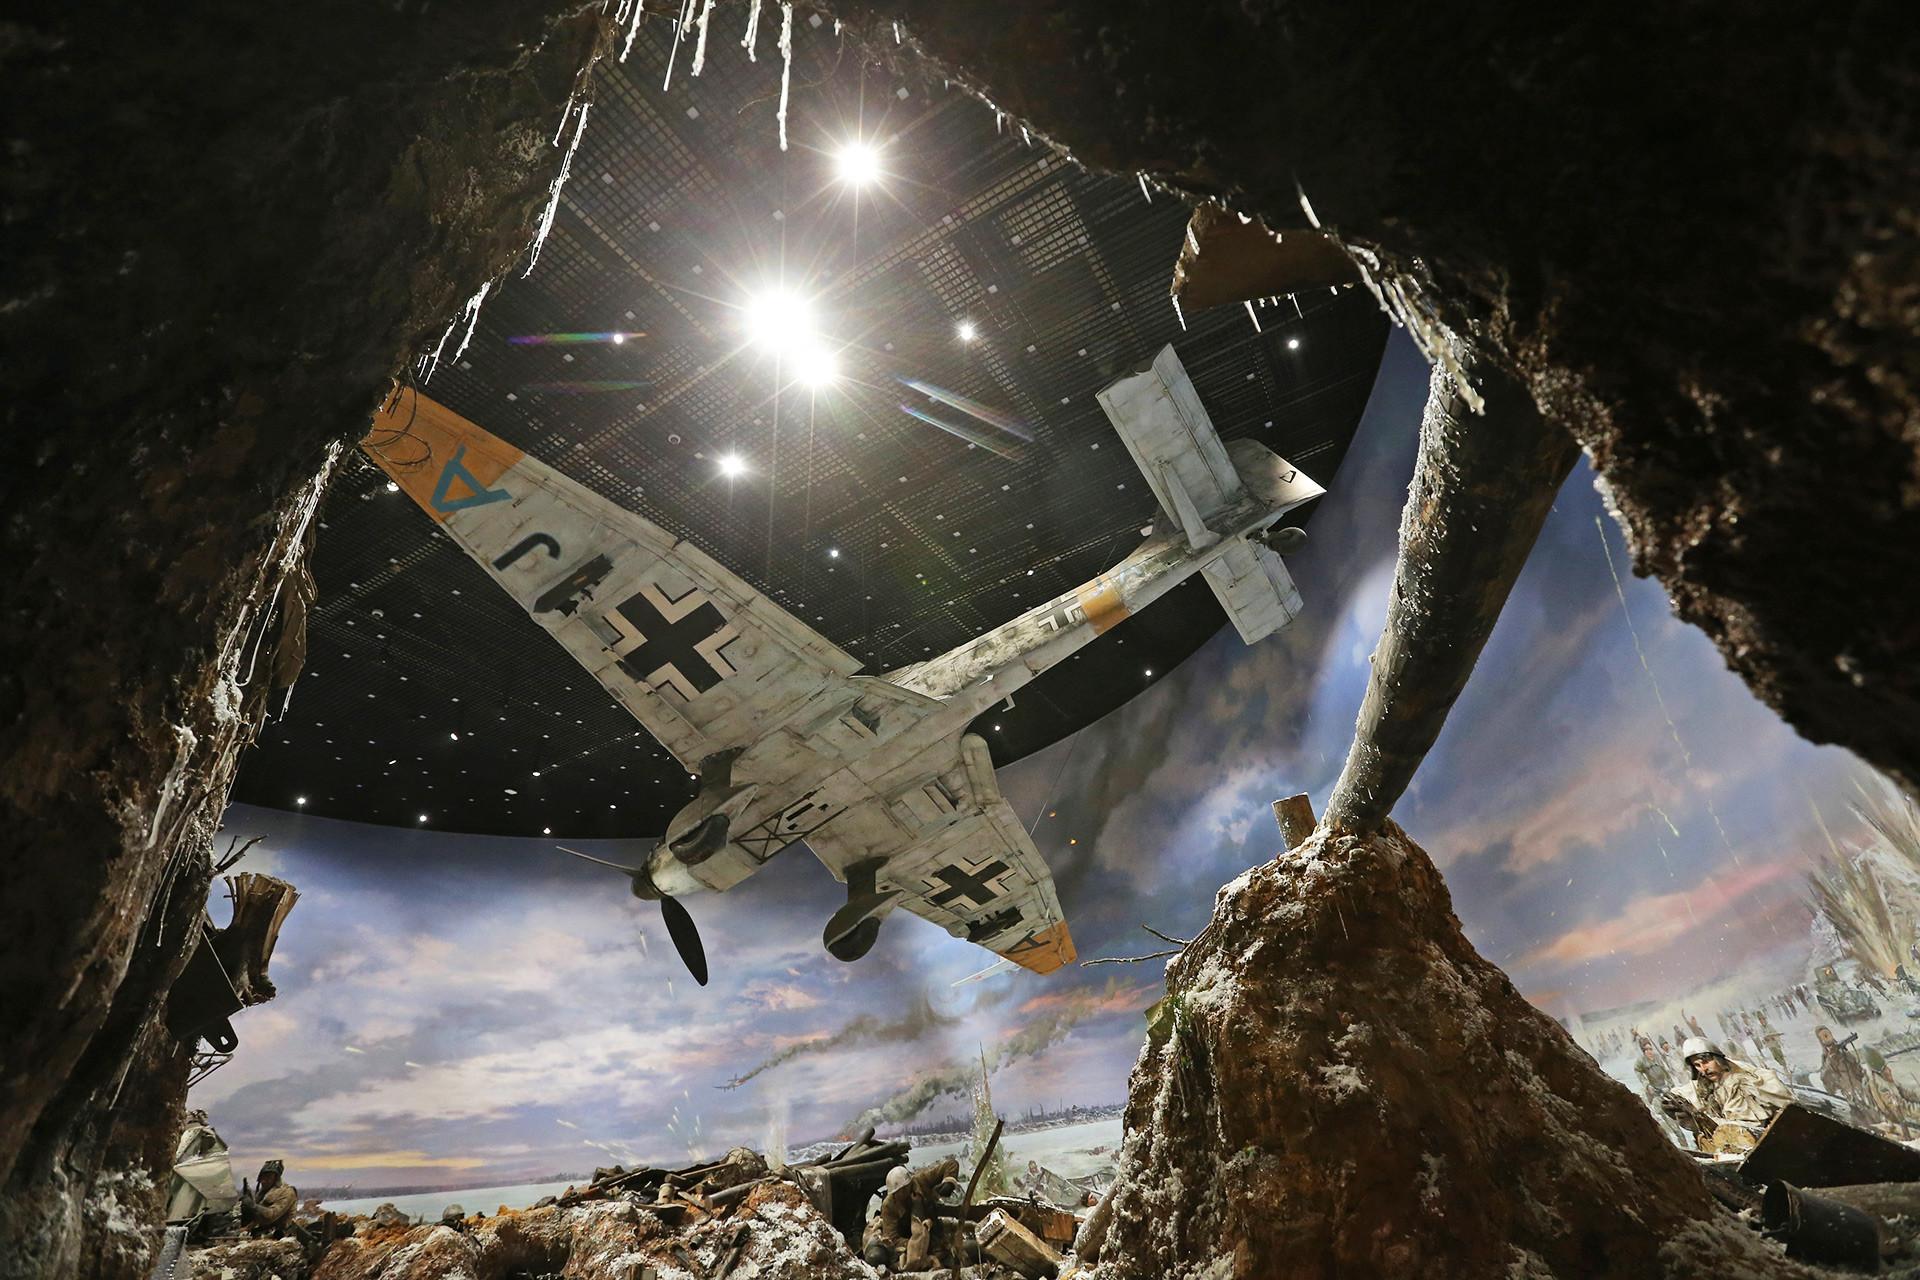 У музеју чак постоји умањена копија немачког авиона који виси изнад глава посетилаца.